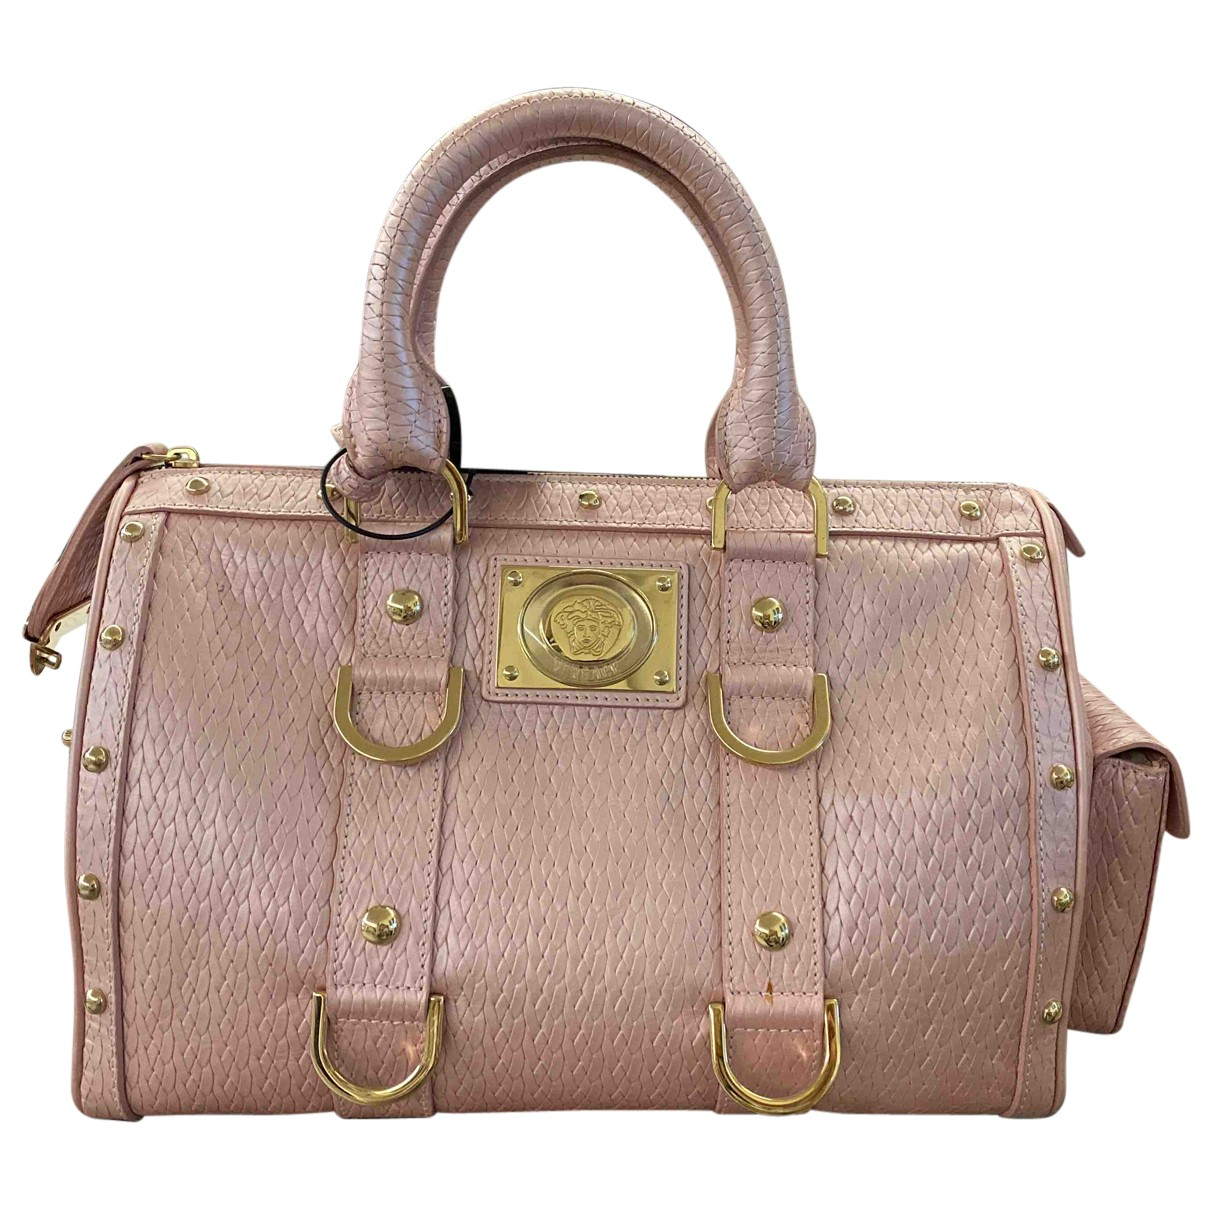 Versace - Sac a main   pour femme en cuir - rose